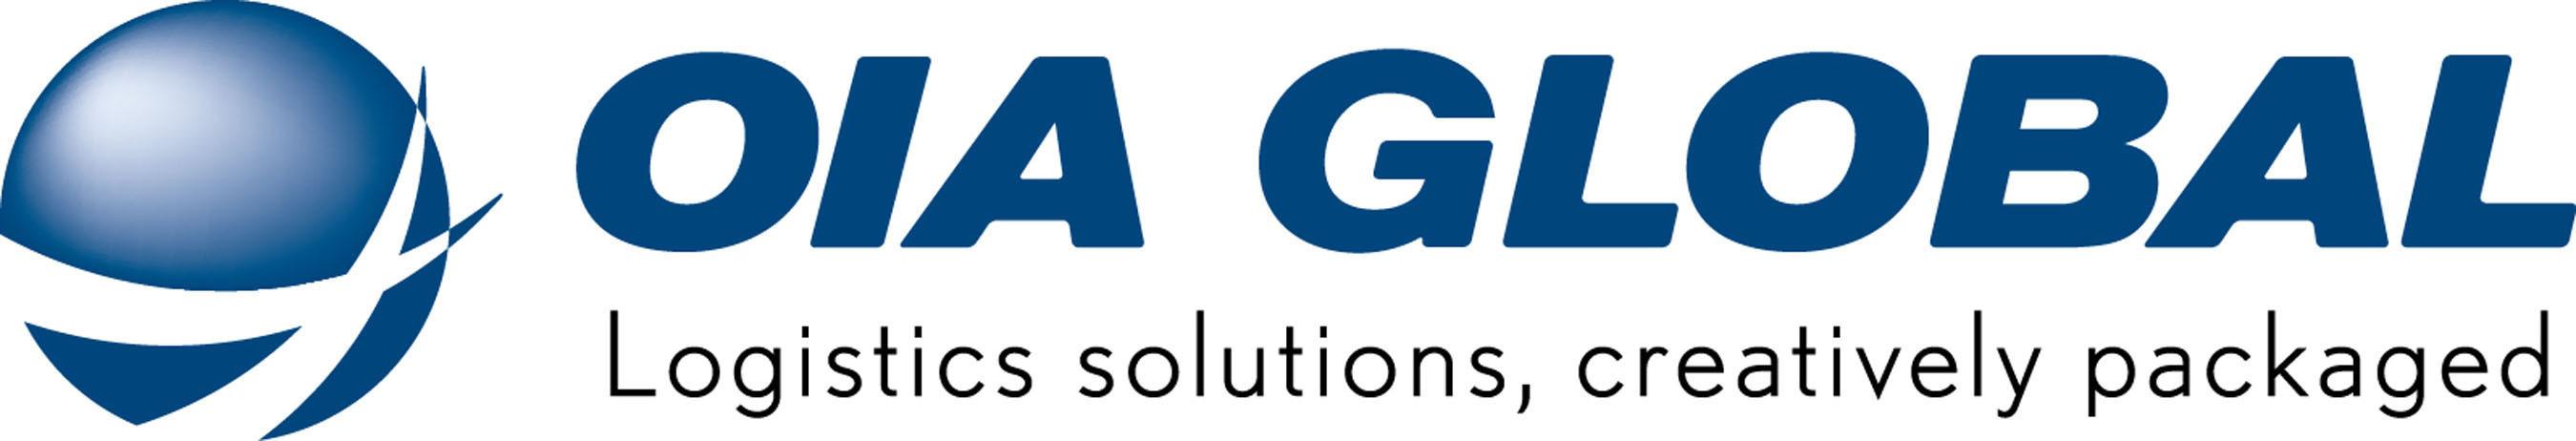 OIA Global expande su red europea con una nueva oficina en Milán, Italia